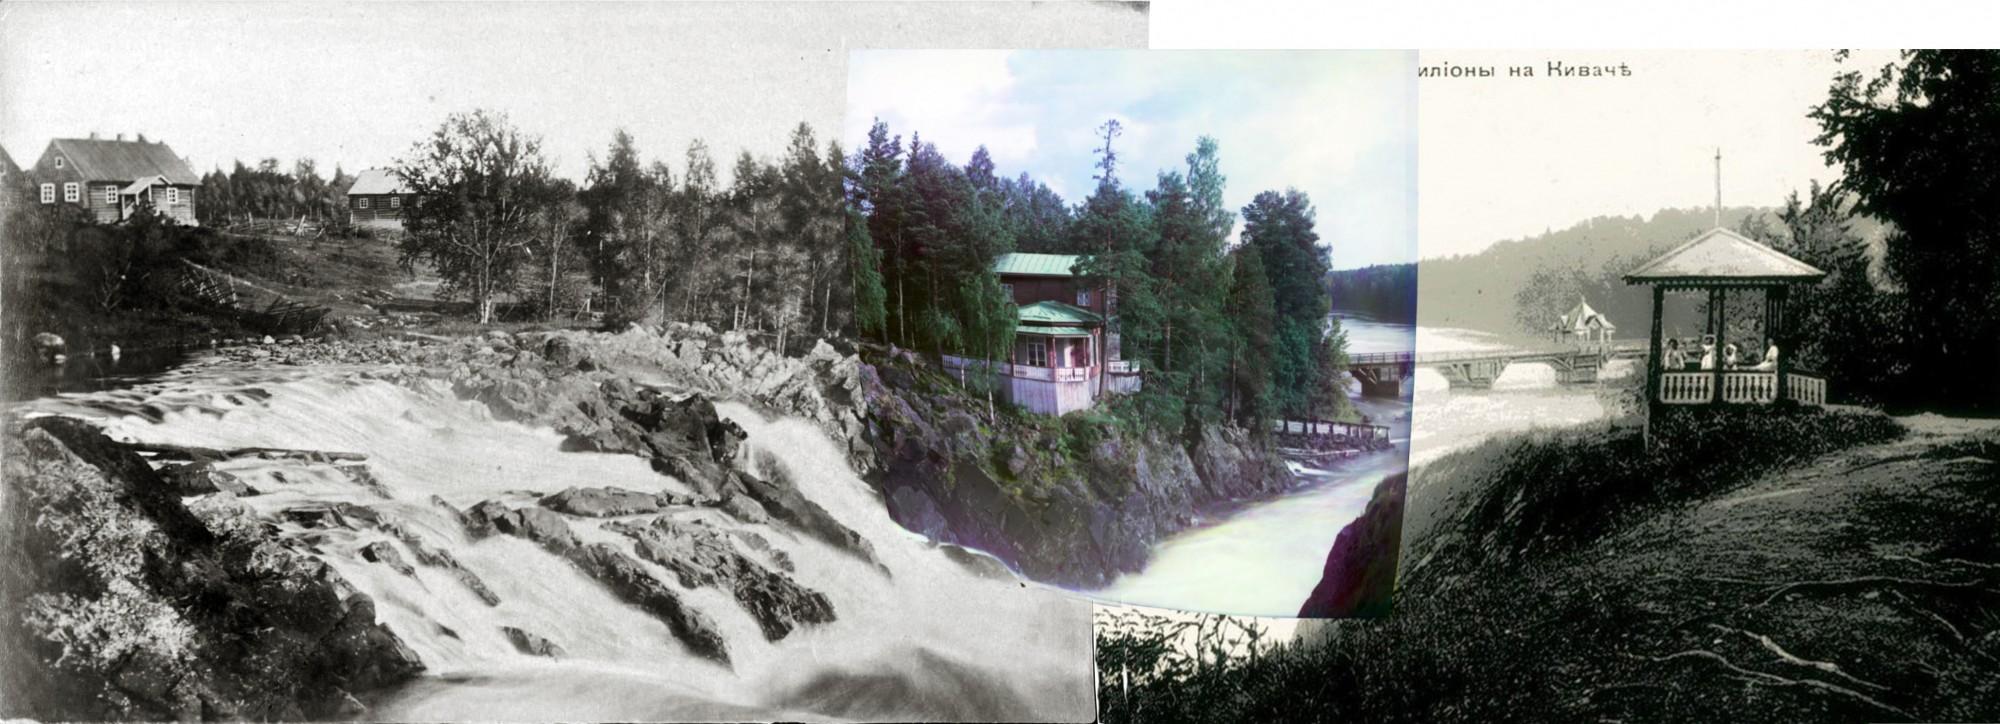 Дача около водопада Кивач, 1904 изд-во А. М. Мазилова, 1892-94 Жюль Легра (Jules Legras)1